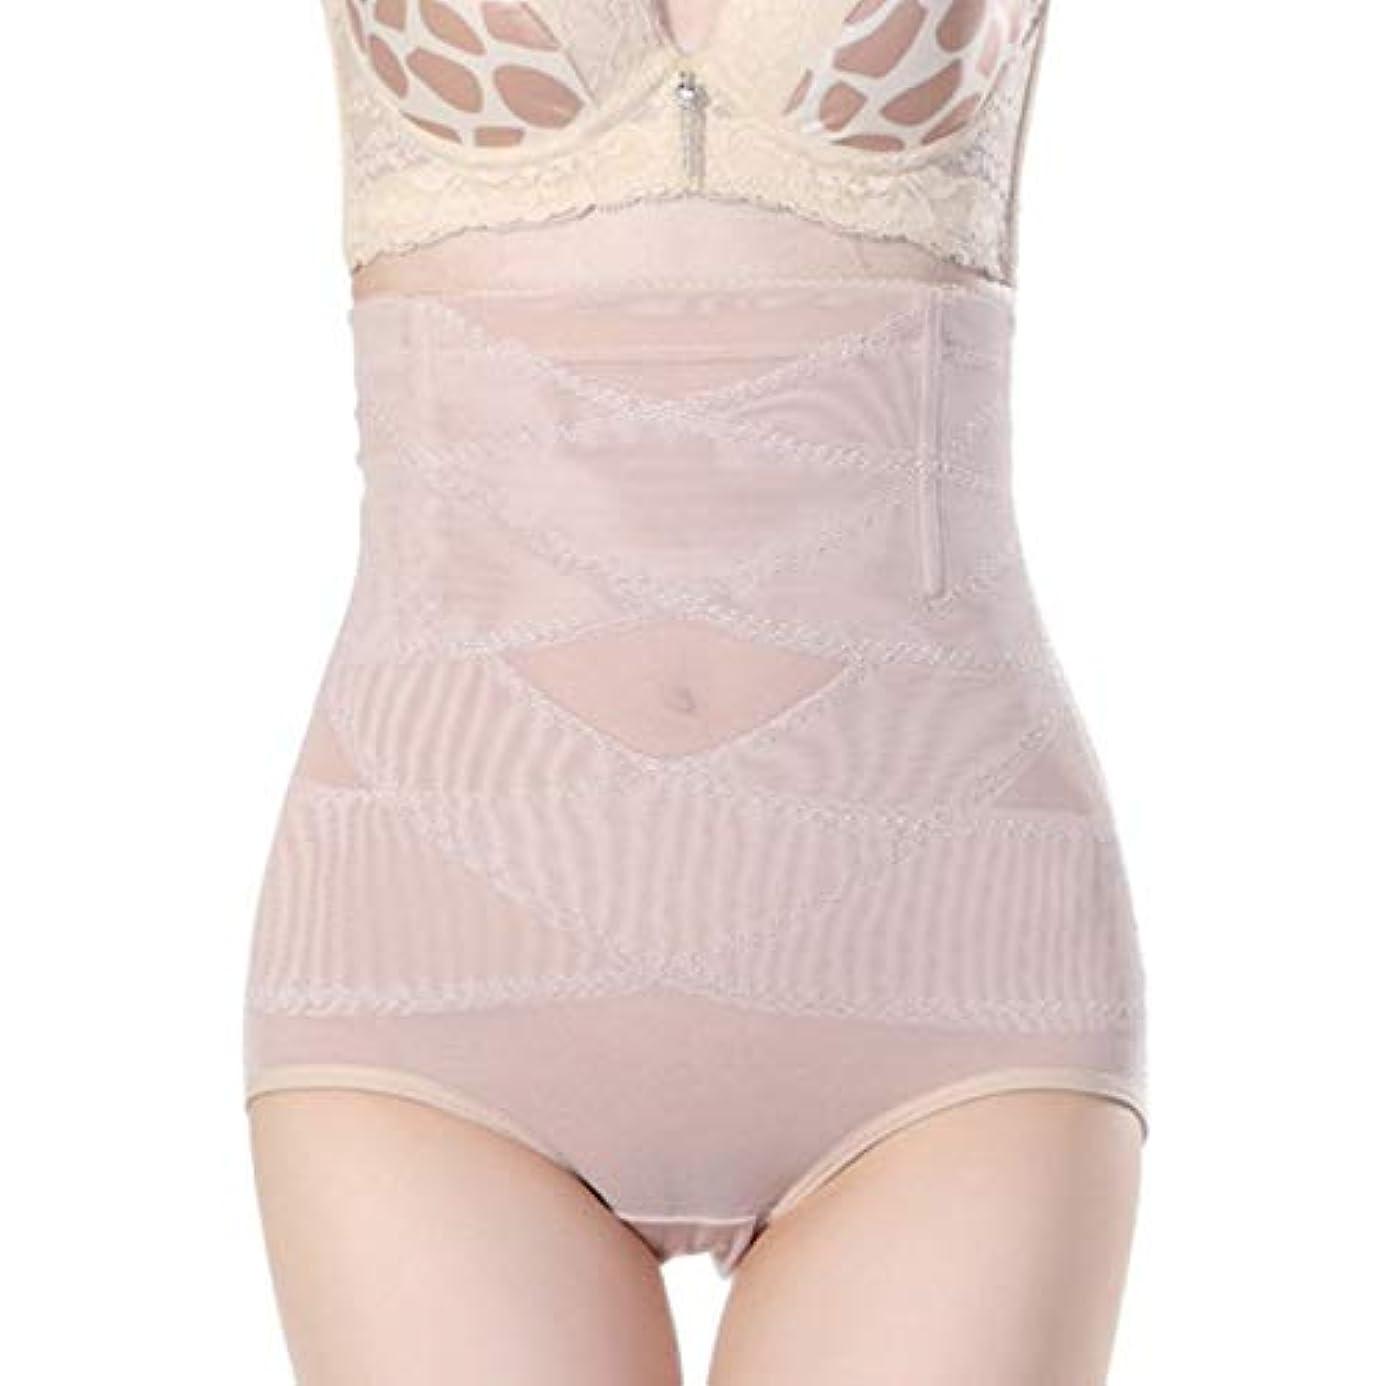 失時制正統派腹部制御下着シームレスおなかコントロールパンティーバットリフターボディシェイパーを痩身通気性のハイウエストの女性 - 肌色M